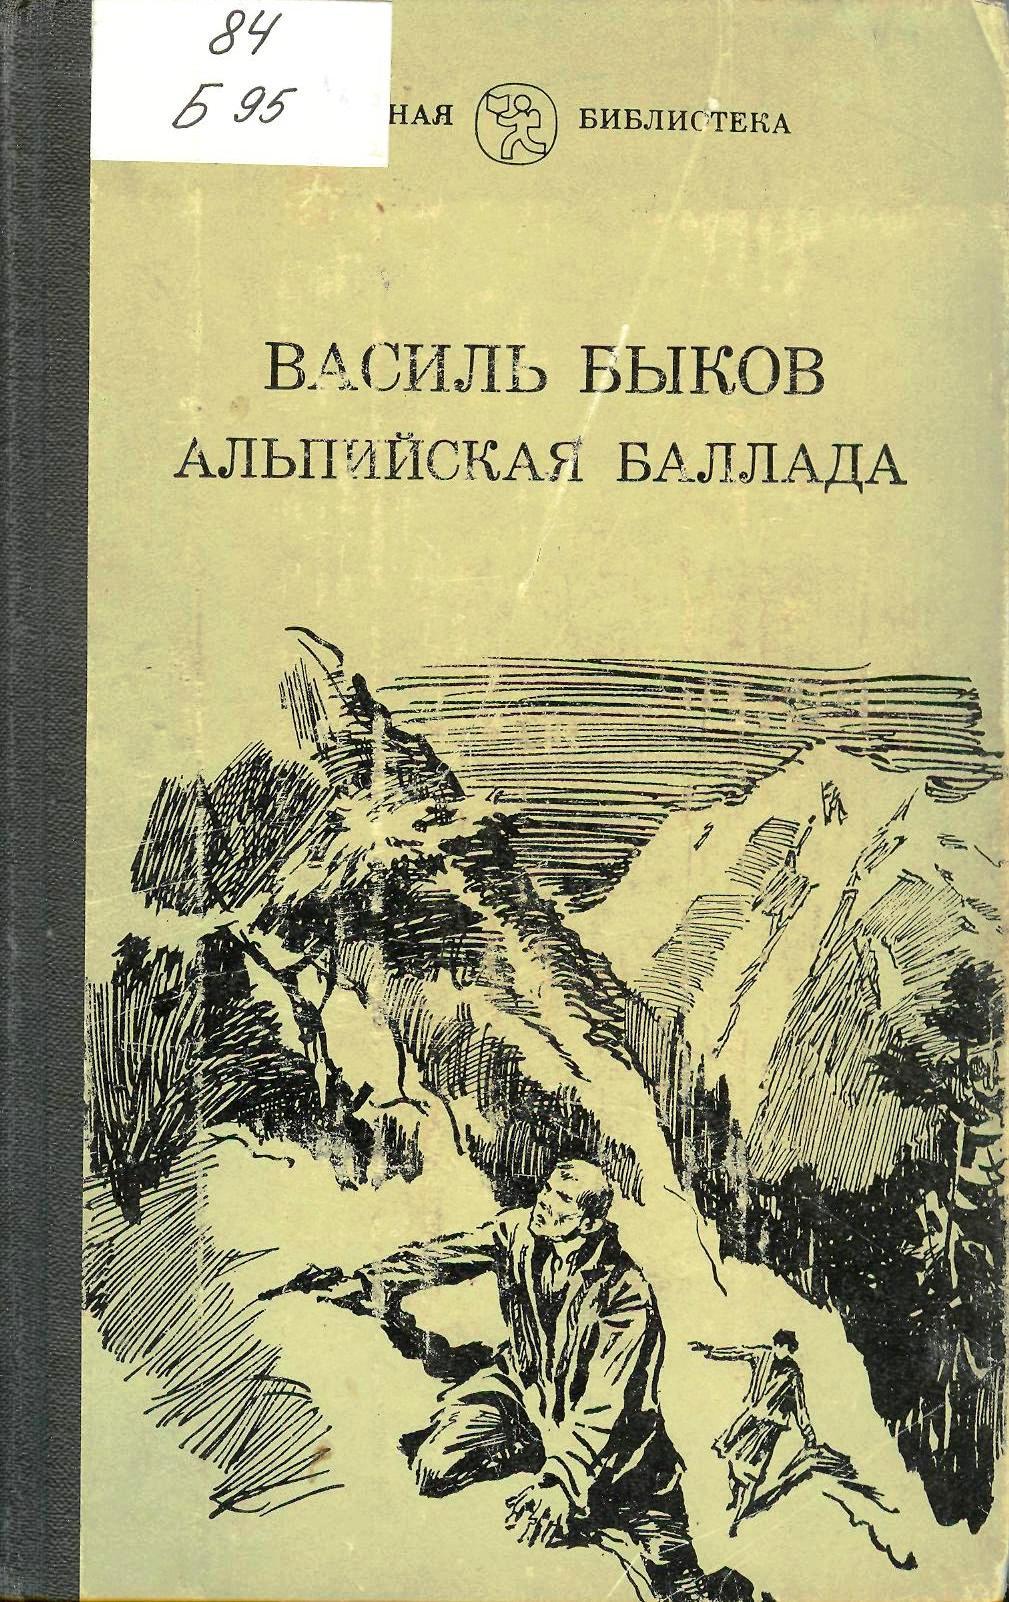 Быков альпийская баллада скачать книгу